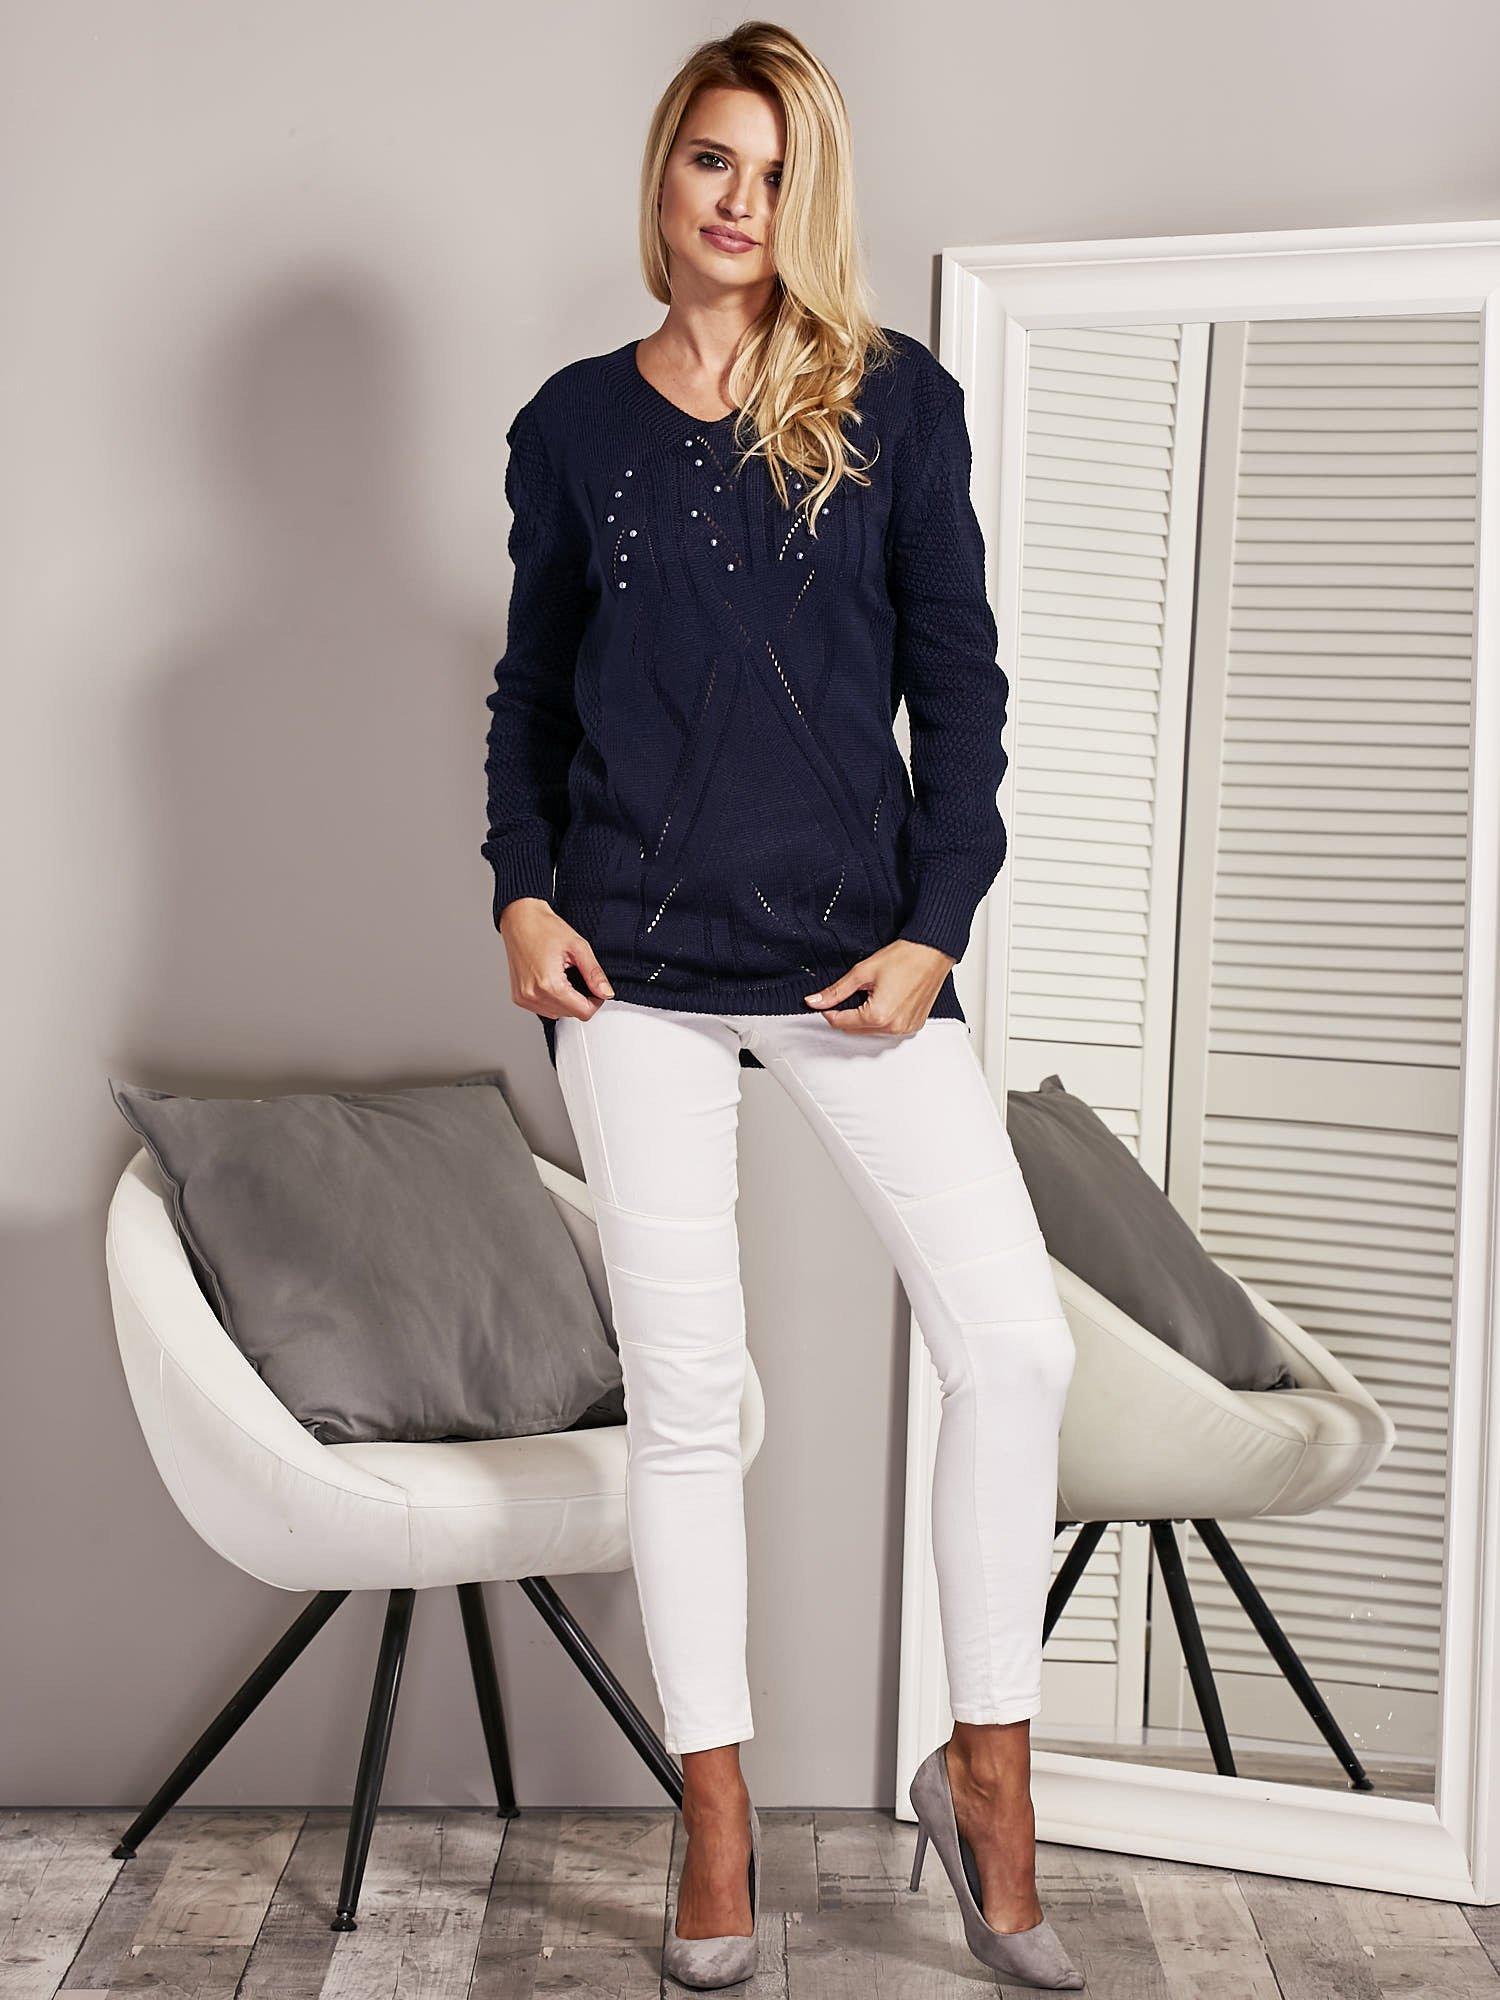 46778f8e9d20 Granatowy sweter damski z aplikacją z perełek - Sweter klasyczny ...